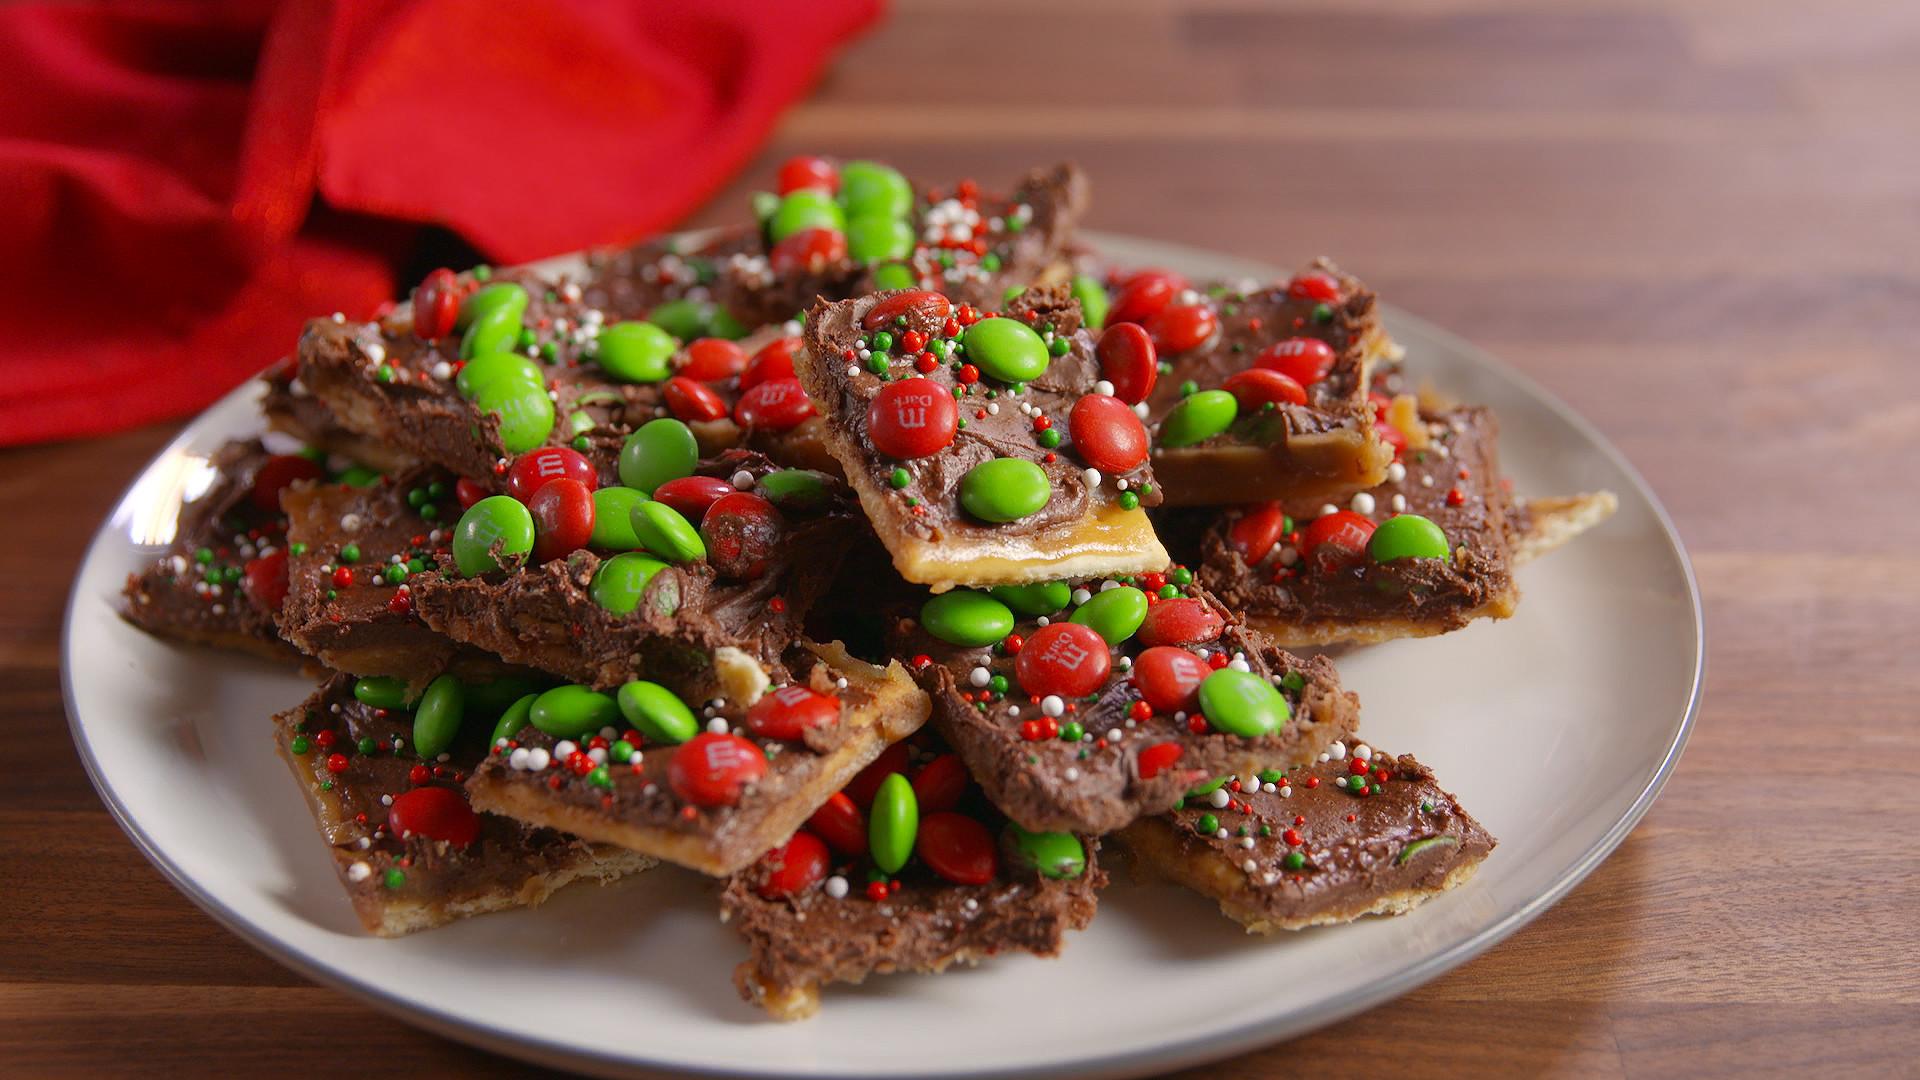 Easy Christmas Candy Recipes  20 Easy Homemade Christmas Candy Recipes How To Make